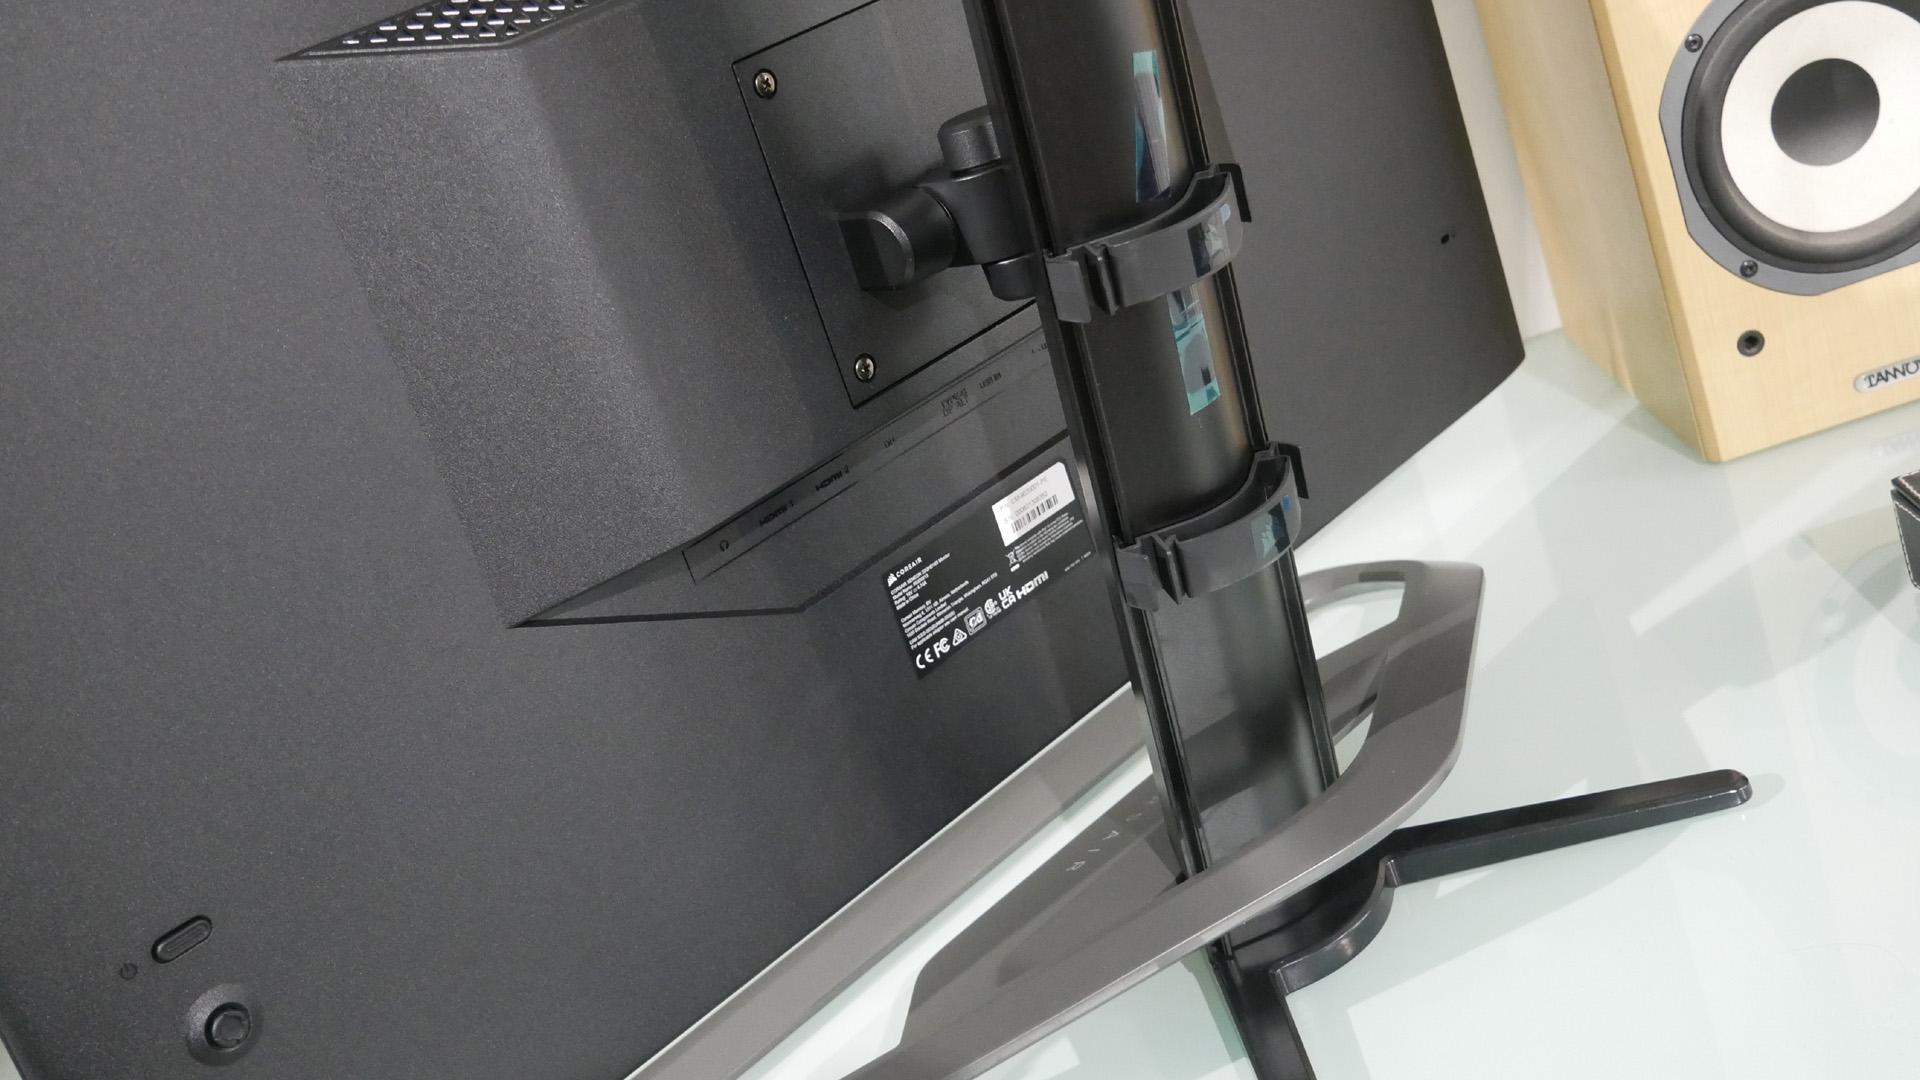 Corsair Xeneon 32QHD165's die-cast aluminium stand